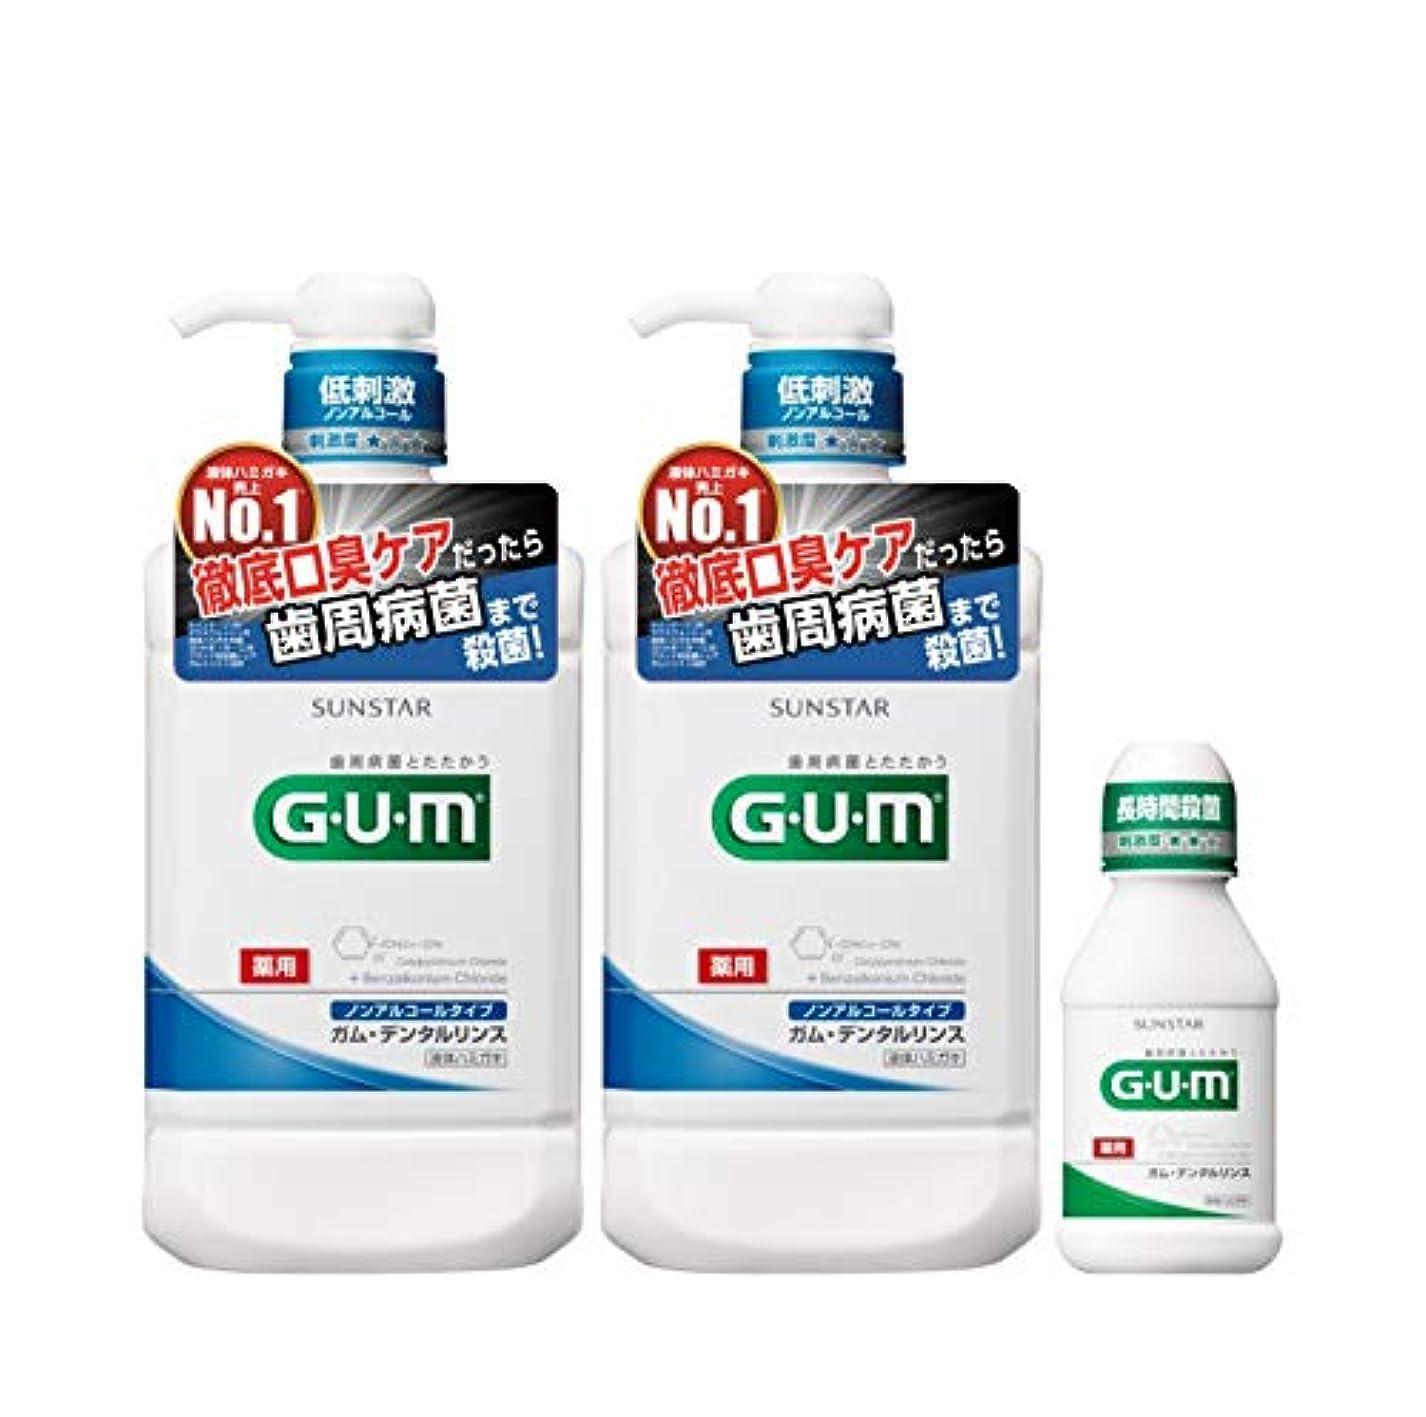 等しいスナック発信(医薬部外品) GUM(ガム) デンタルリンス ノンアルコールタイプ 薬用液体ハミガキ 960mL 2個パック+おまけ付き【Amazon.co.jp限定】